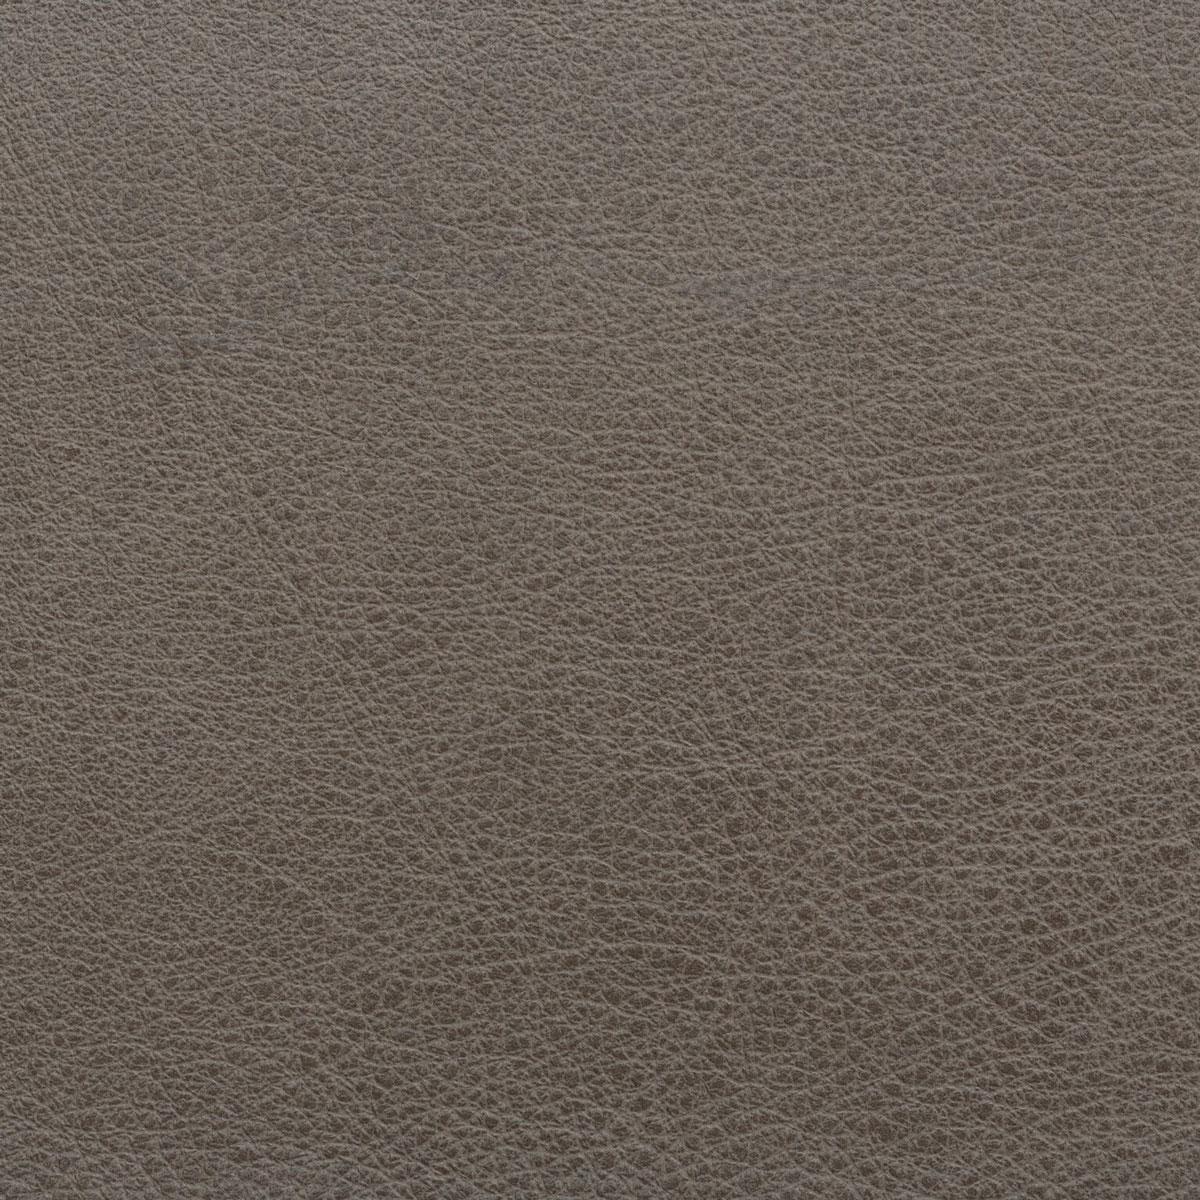 Coraggio Leather Coraggio